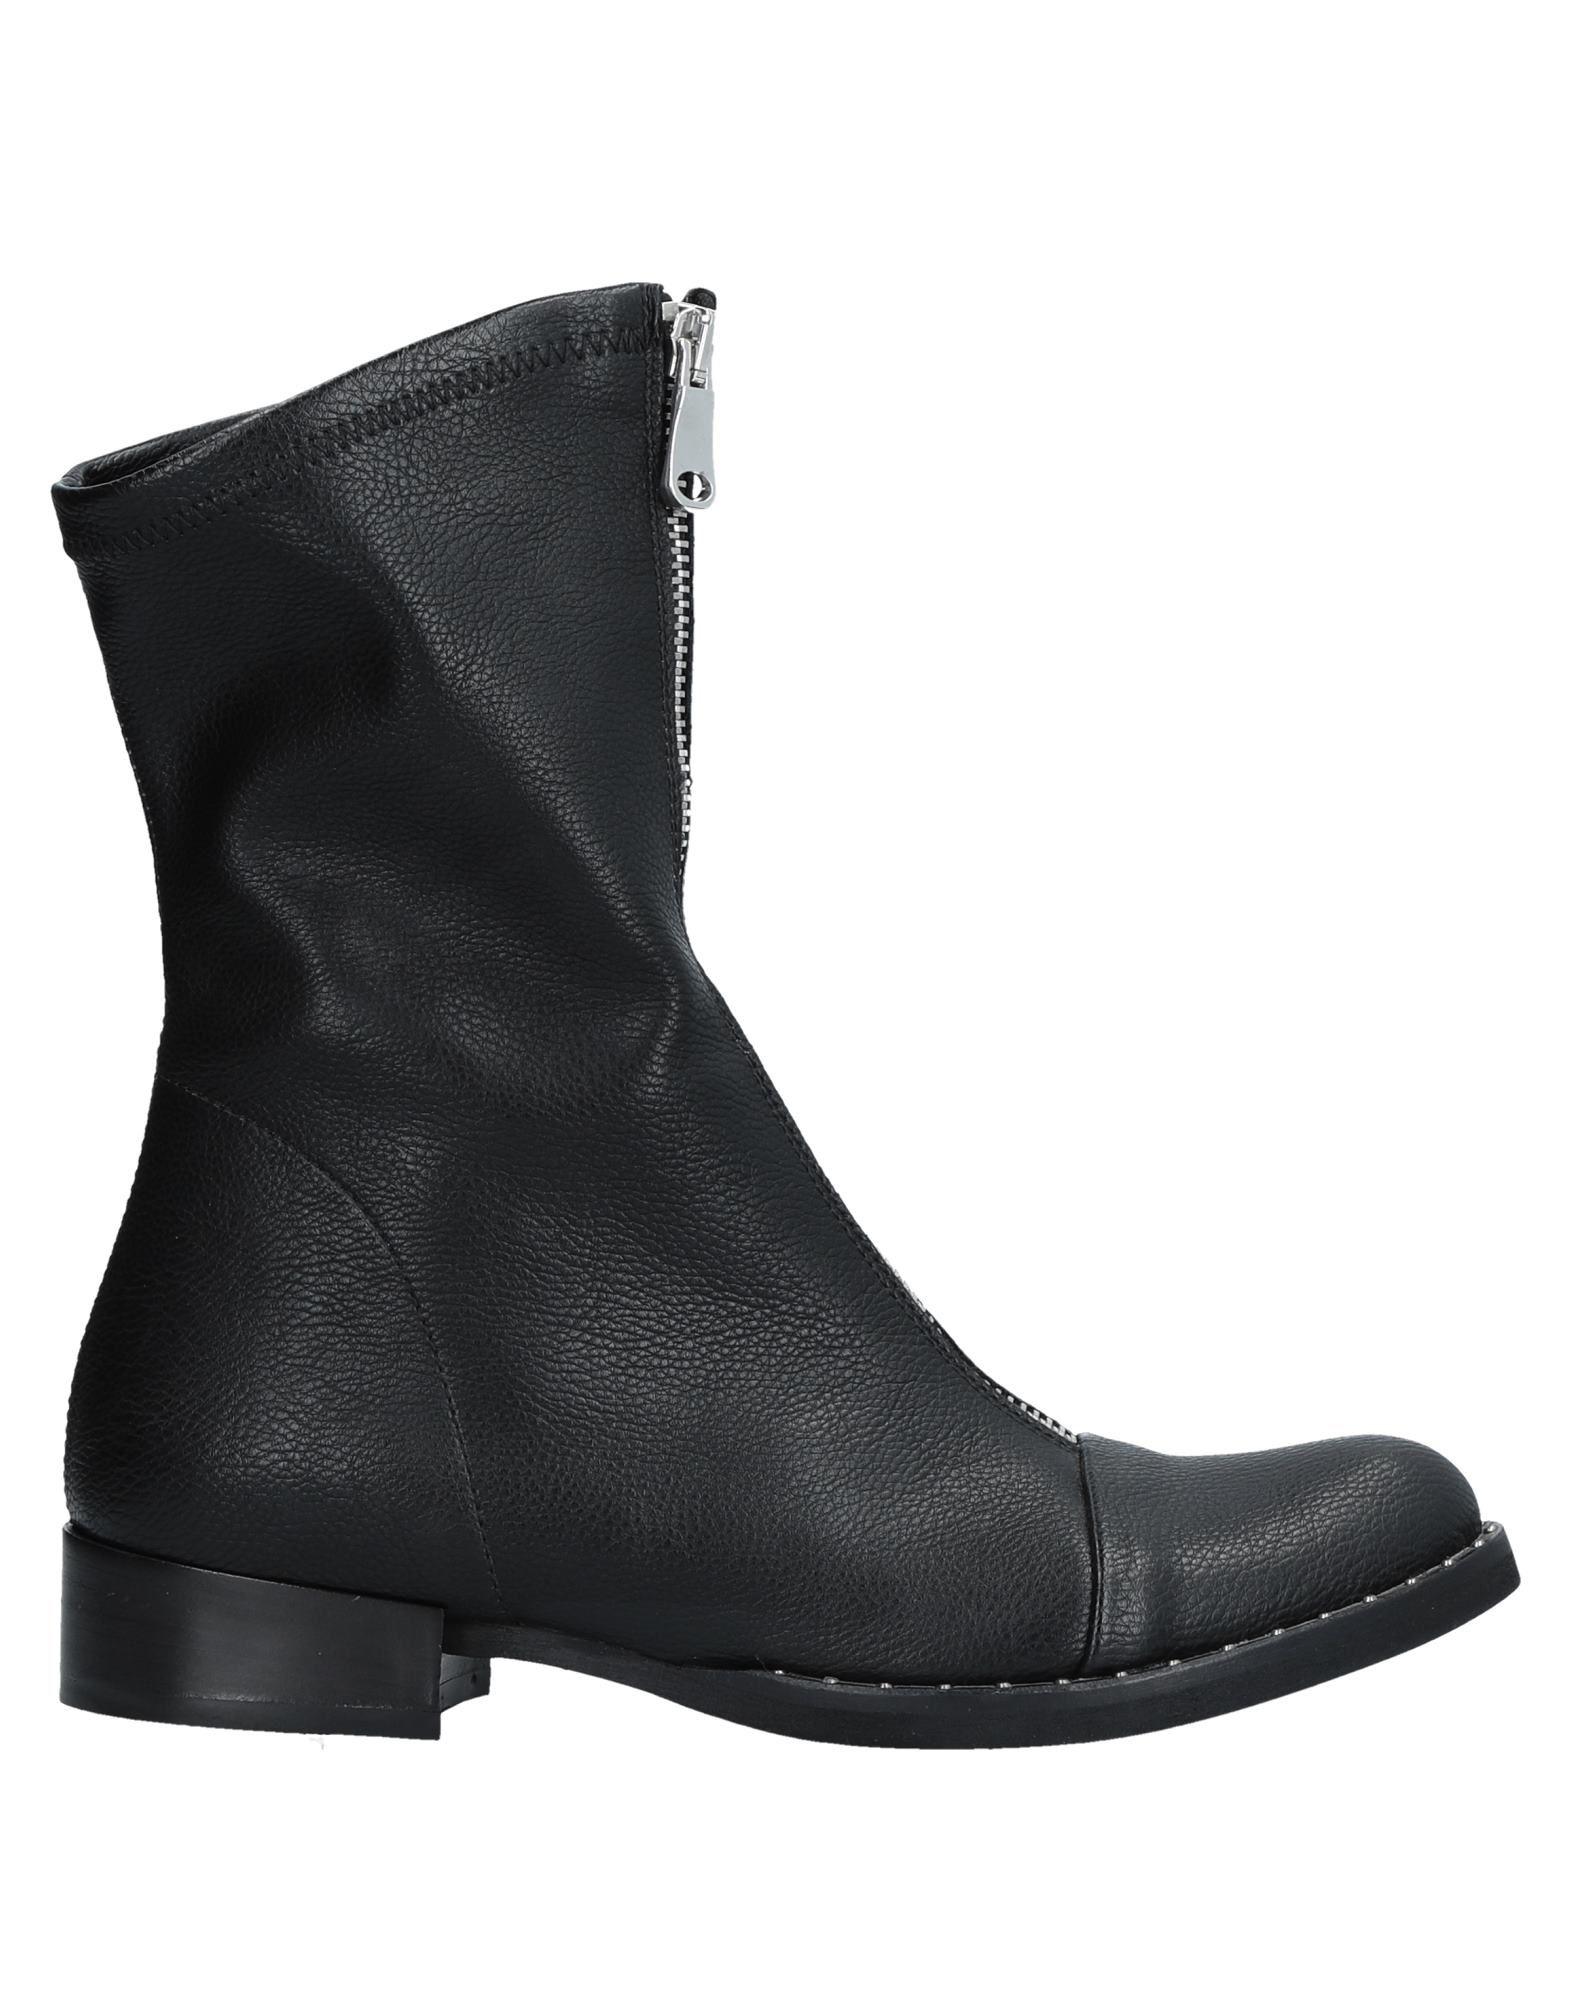 Metisse Stiefelette Damen  11525257UF Gute Qualität beliebte Schuhe